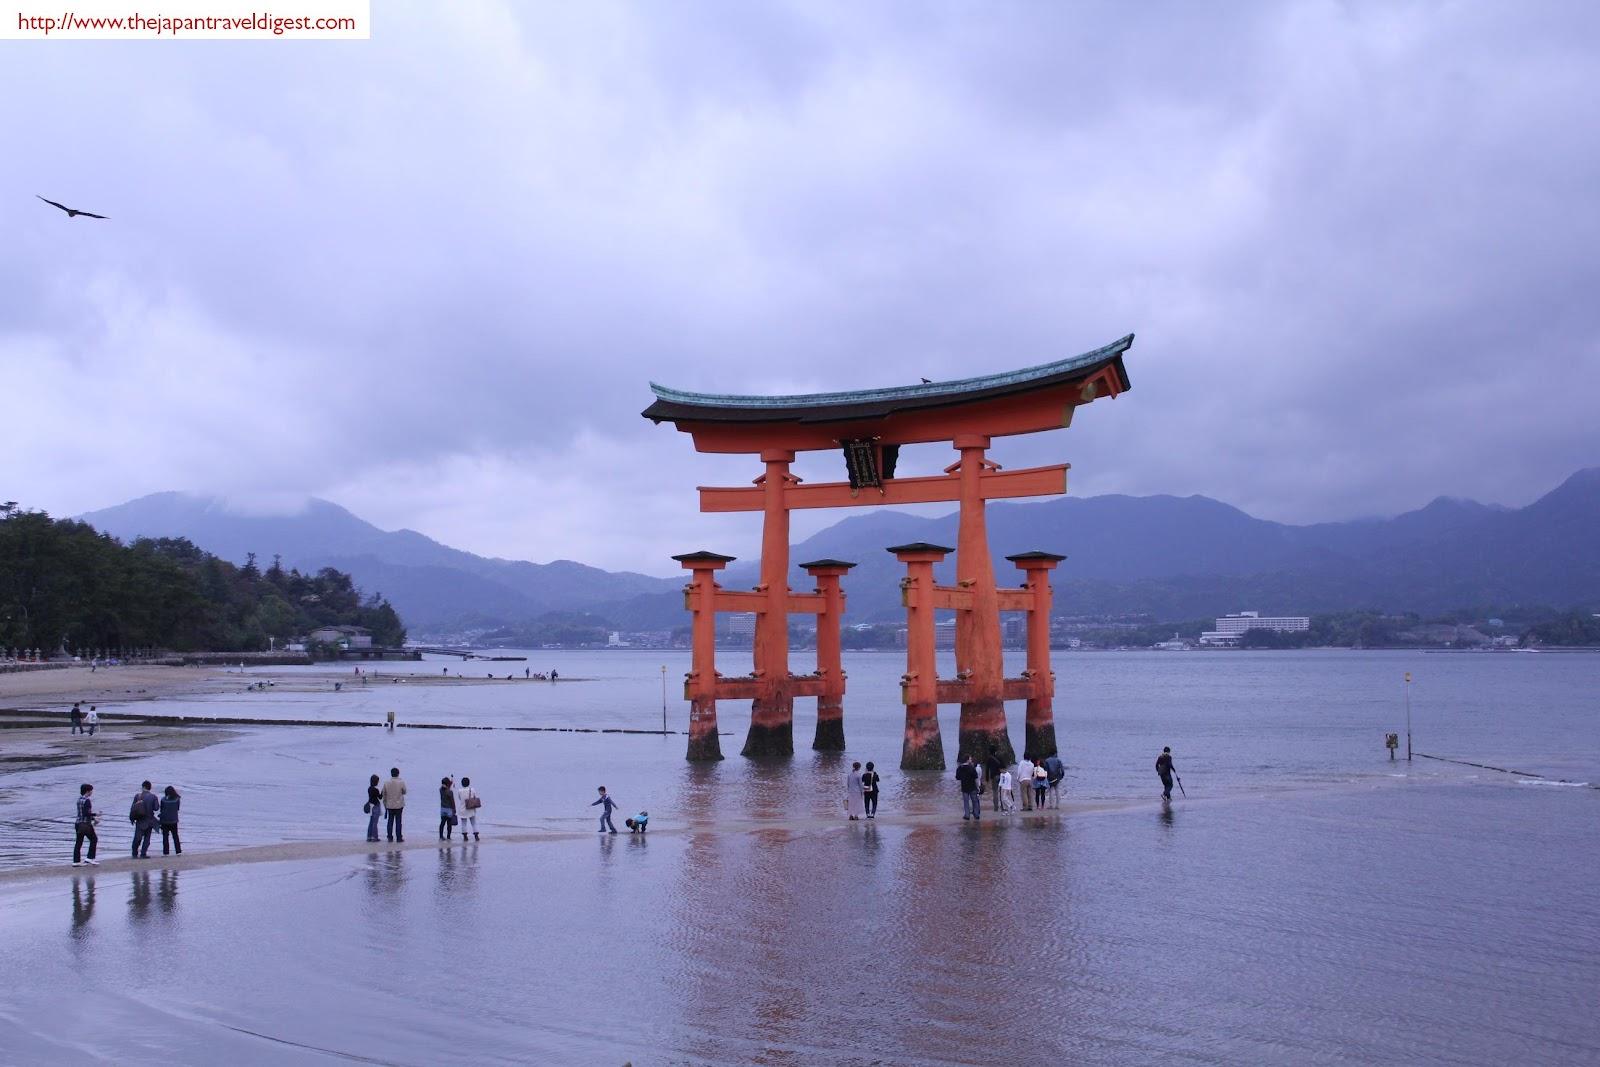 The Japan Travel Digest: Itsukushima Shinto Shrine ...